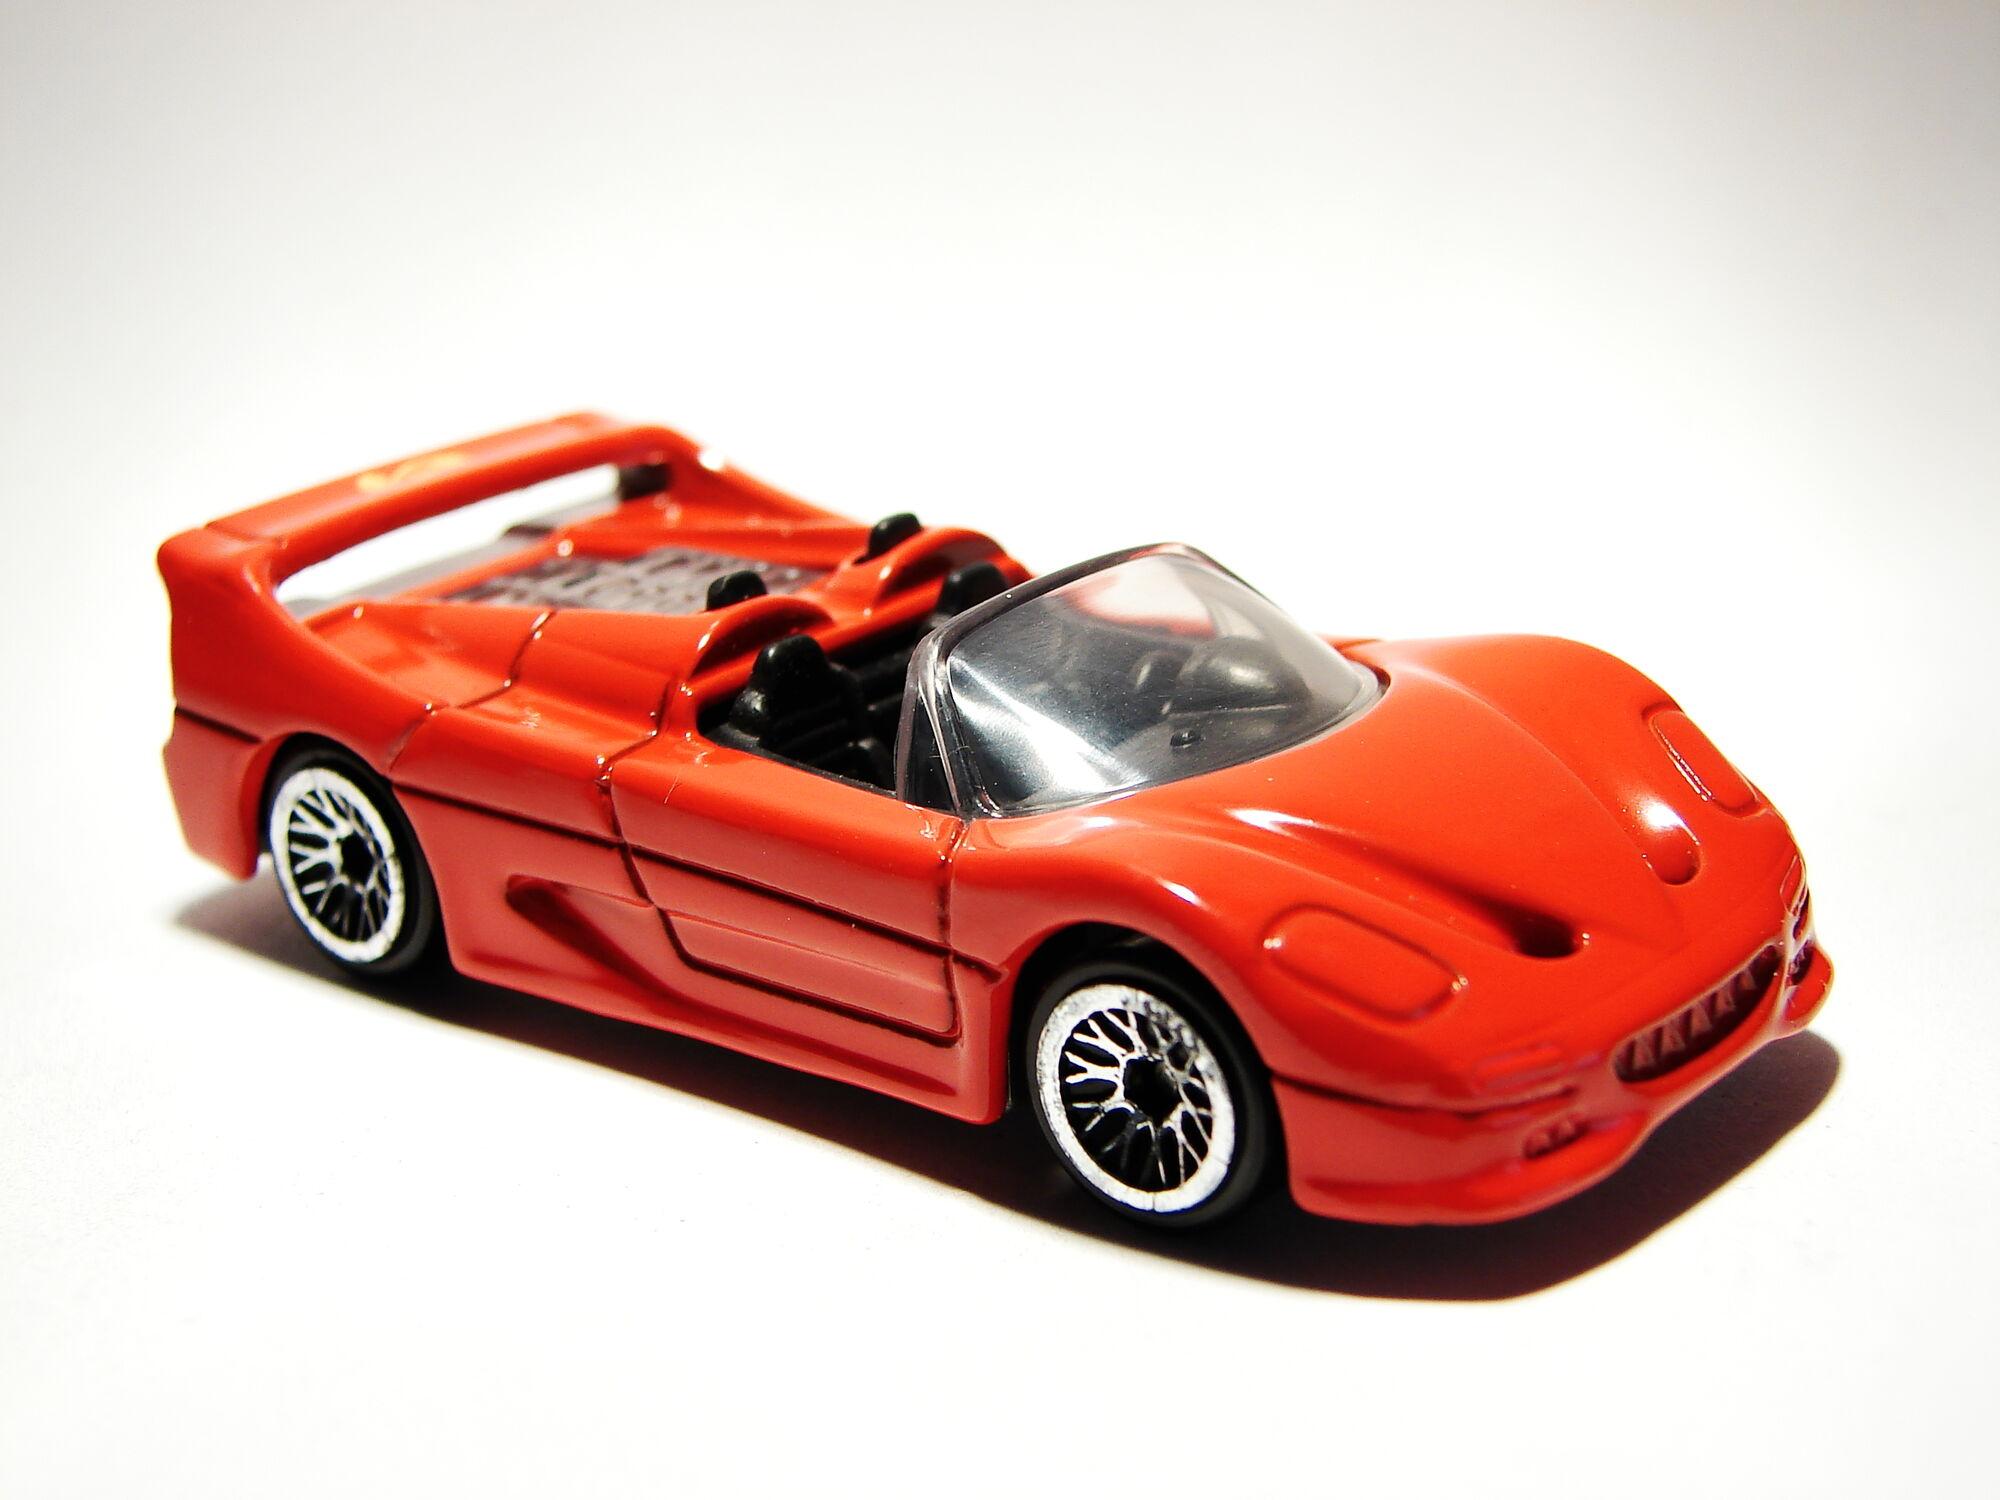 2000?cb=20140526024310 Elegant Bugatti Veyron toy Car Hot Wheels Cars Trend